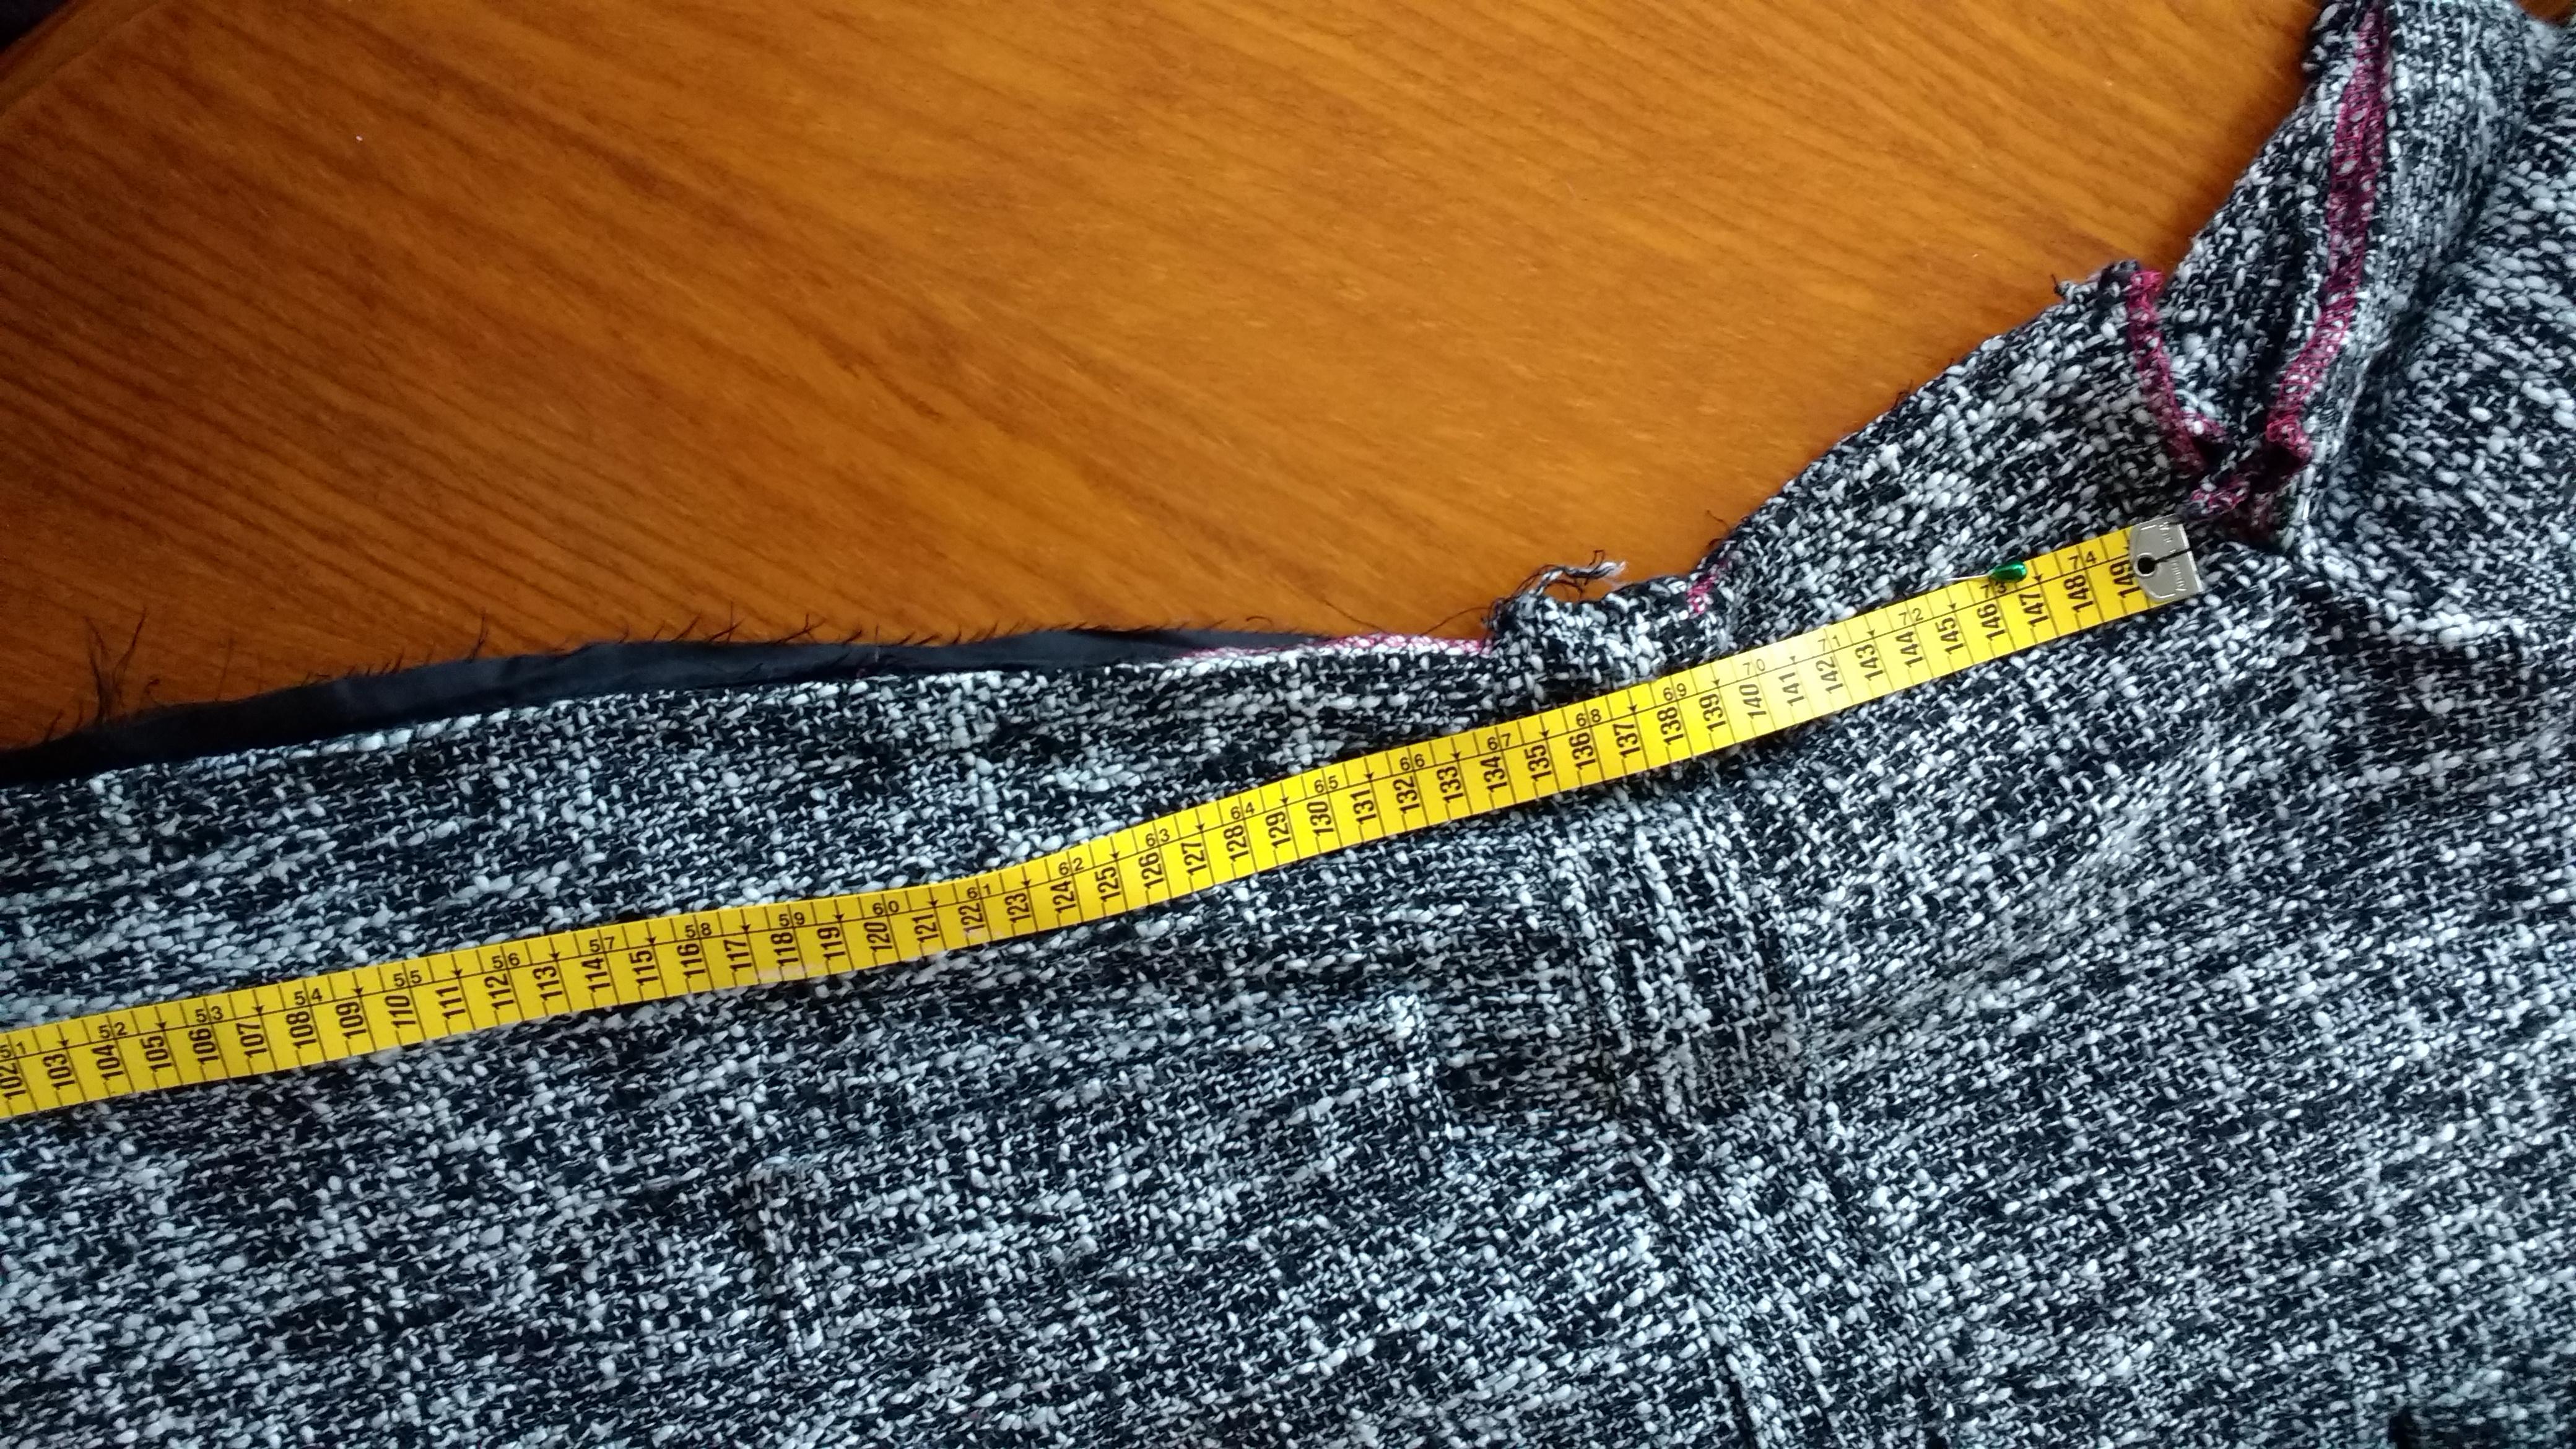 tutorial de costura_medir cuanto sobra_